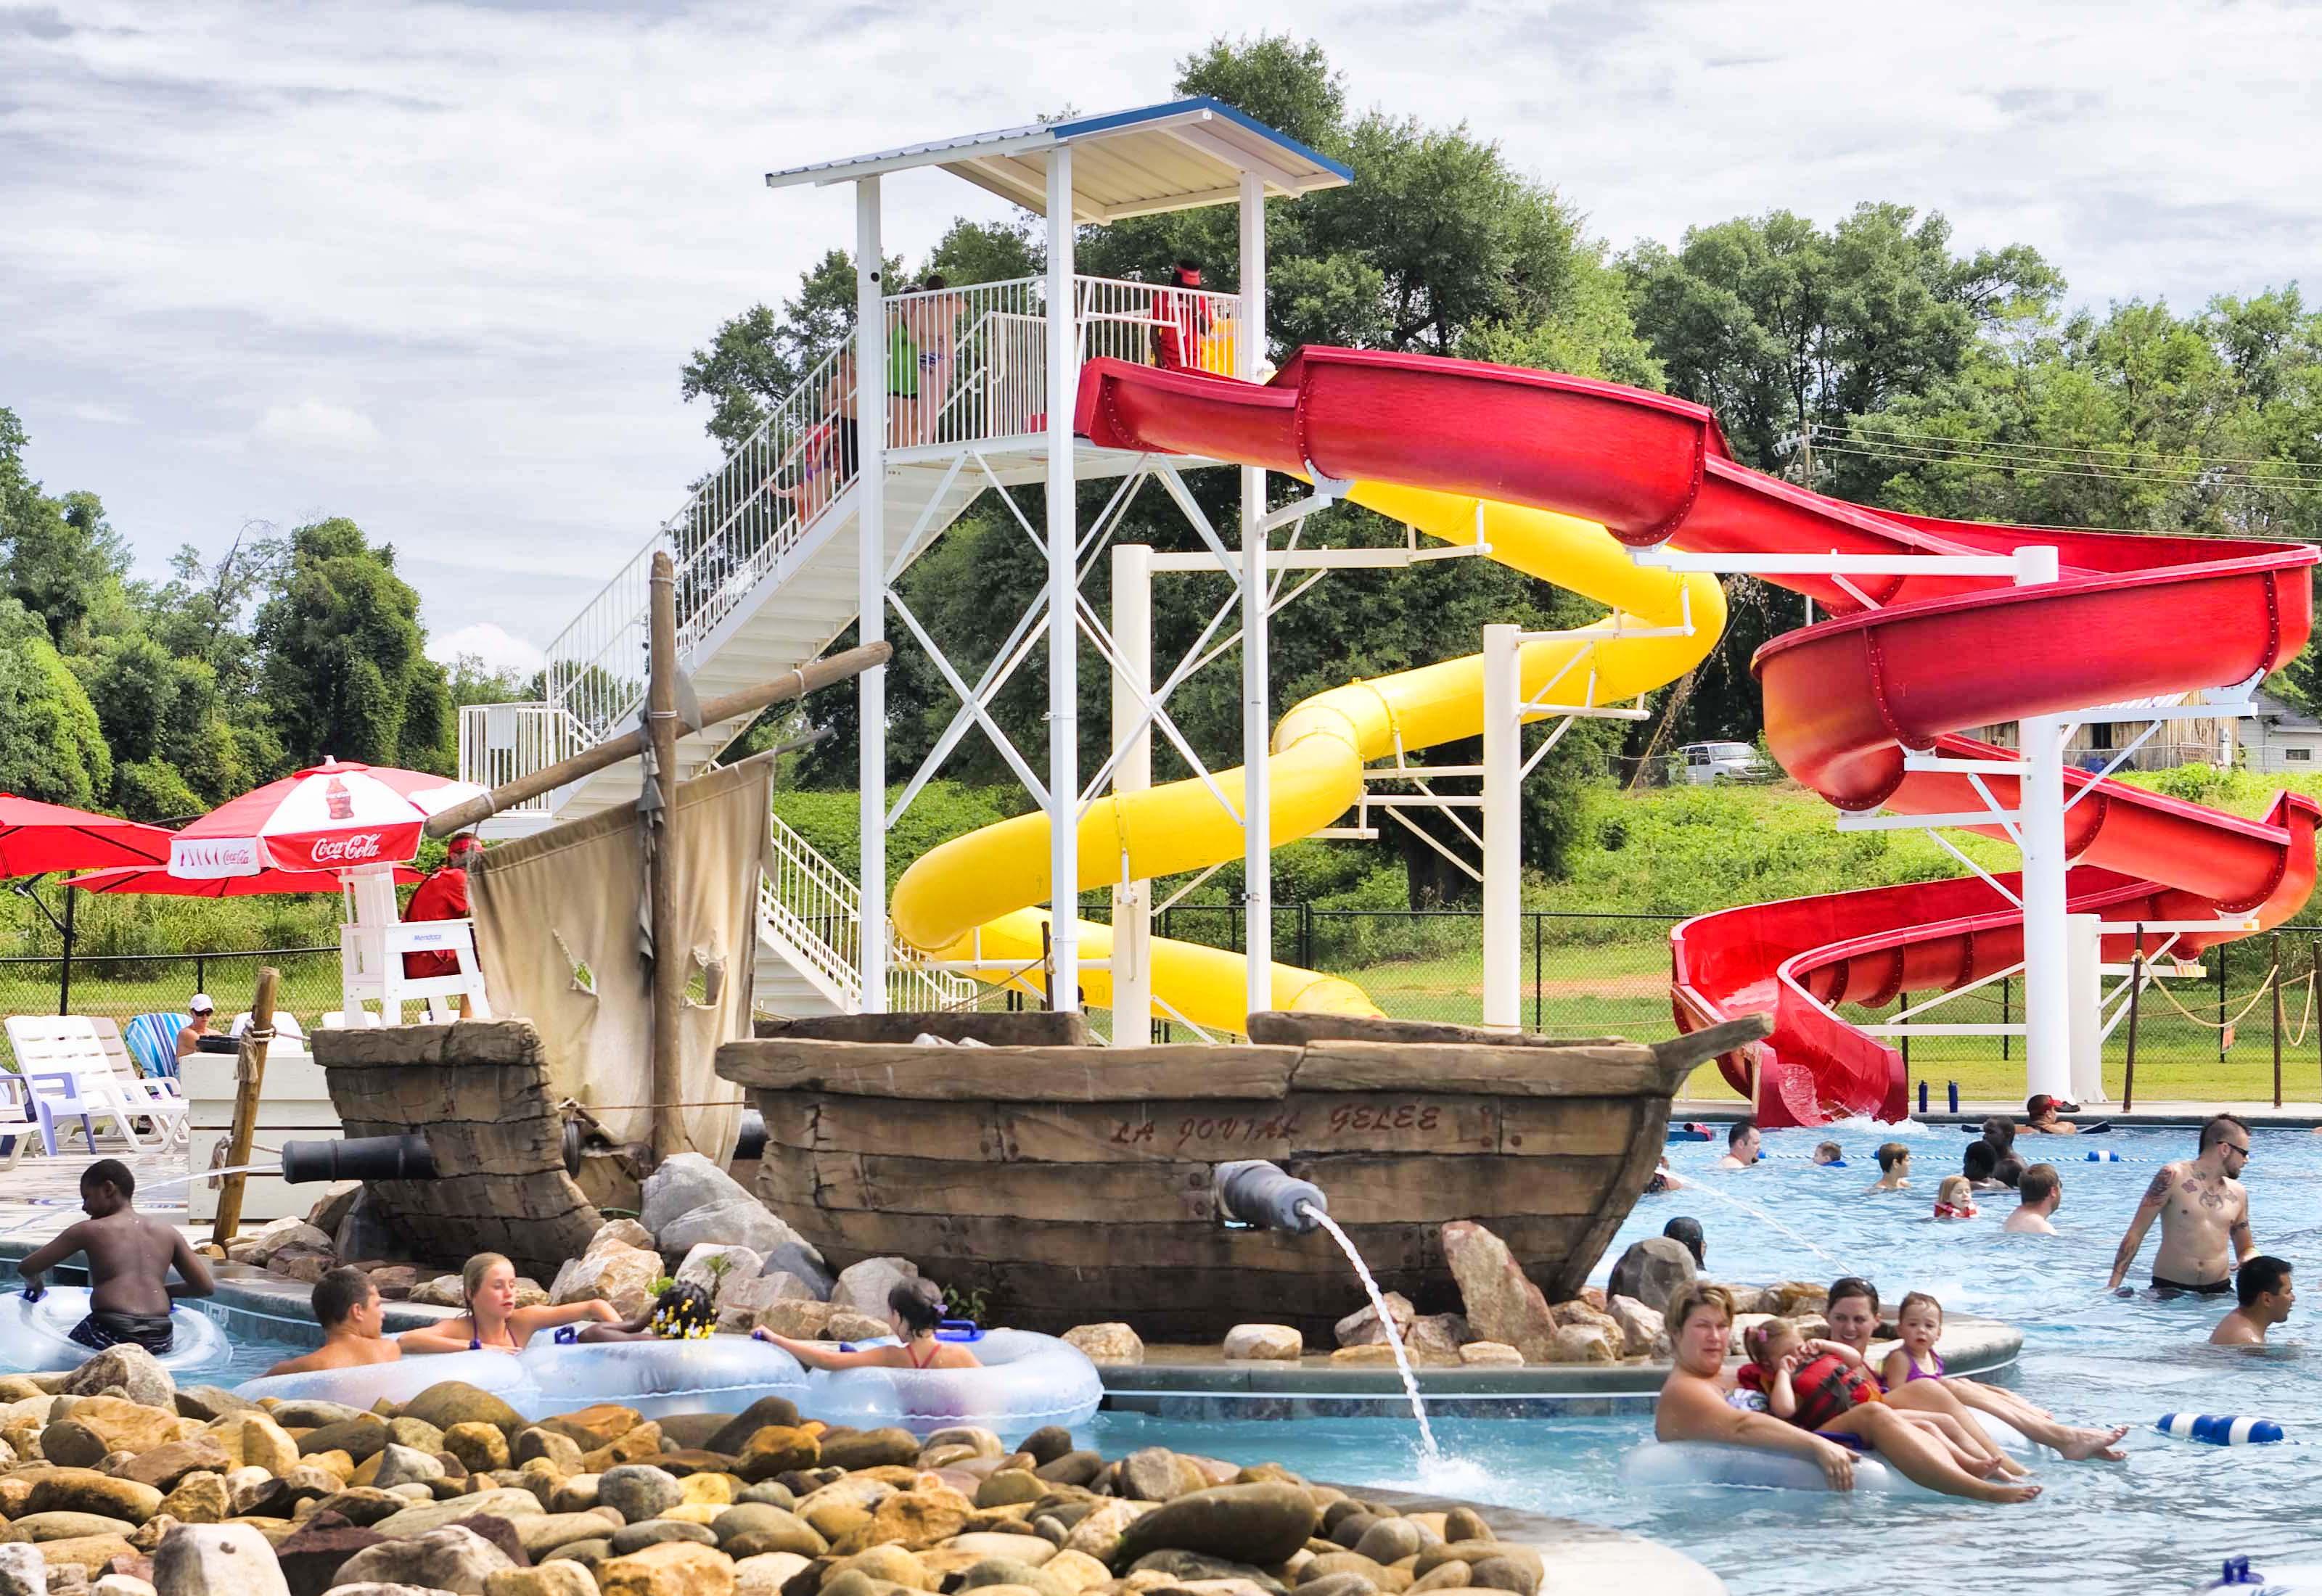 Shipwreck Cove, a summertime favorite locale in Duncan, SC.